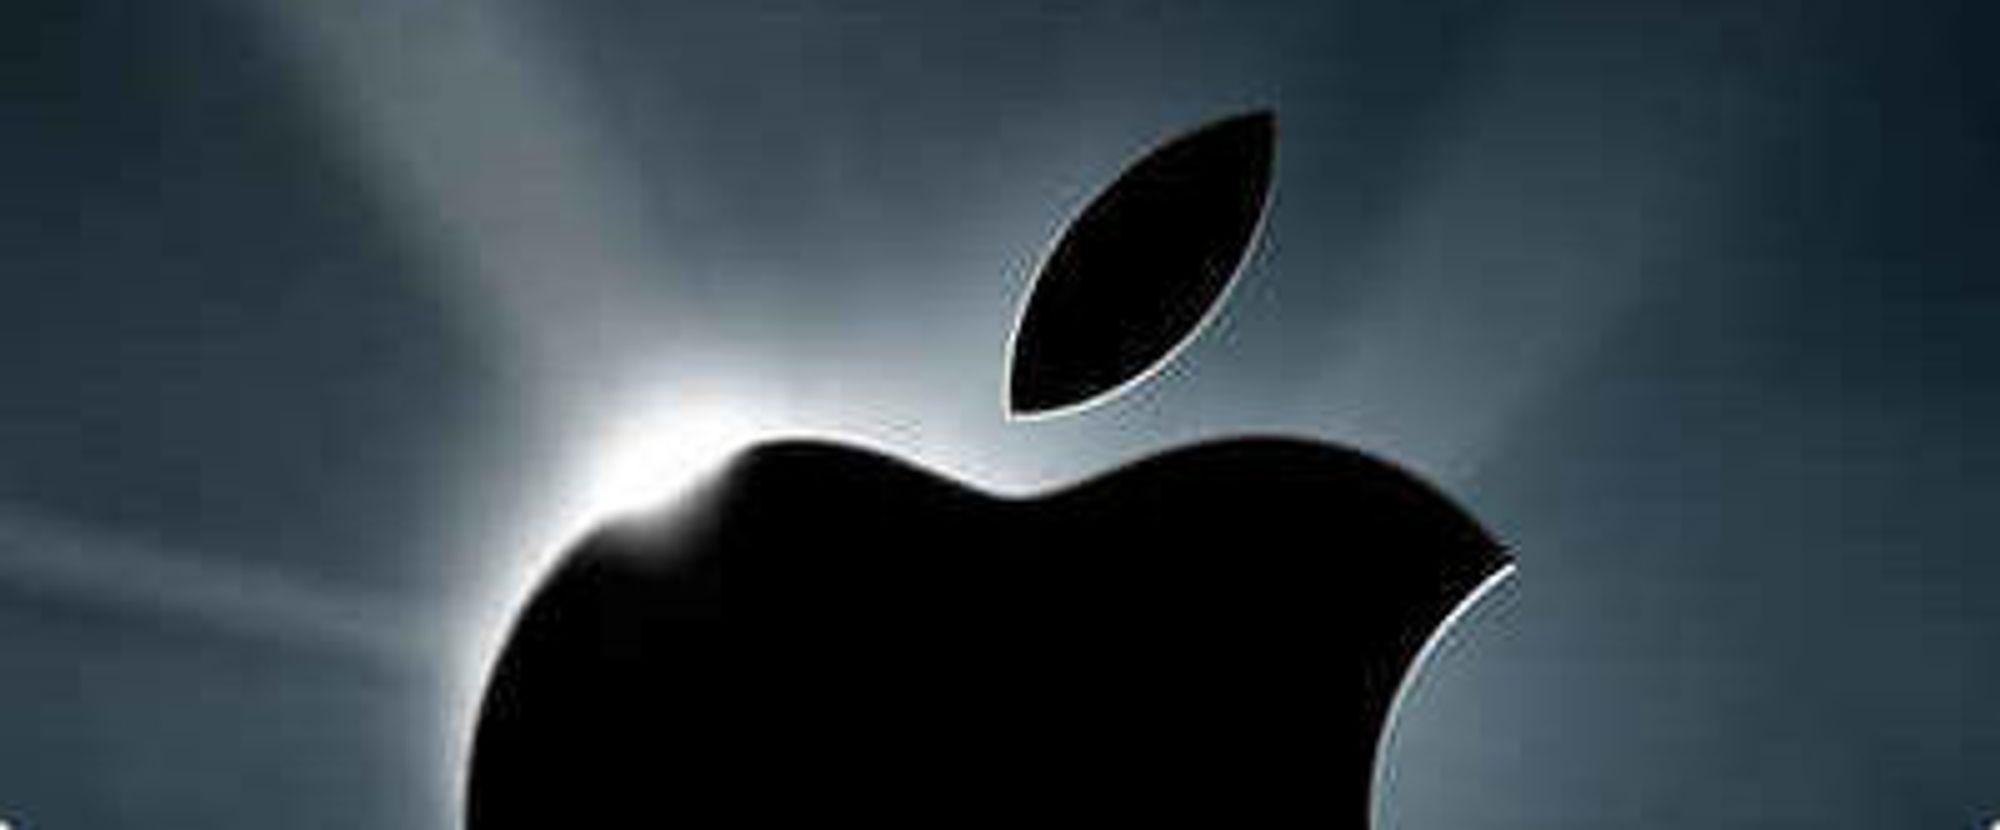 Nr 1: Apple passerte Microsoft og er nå verdens mest verdifulle IT-selskap.